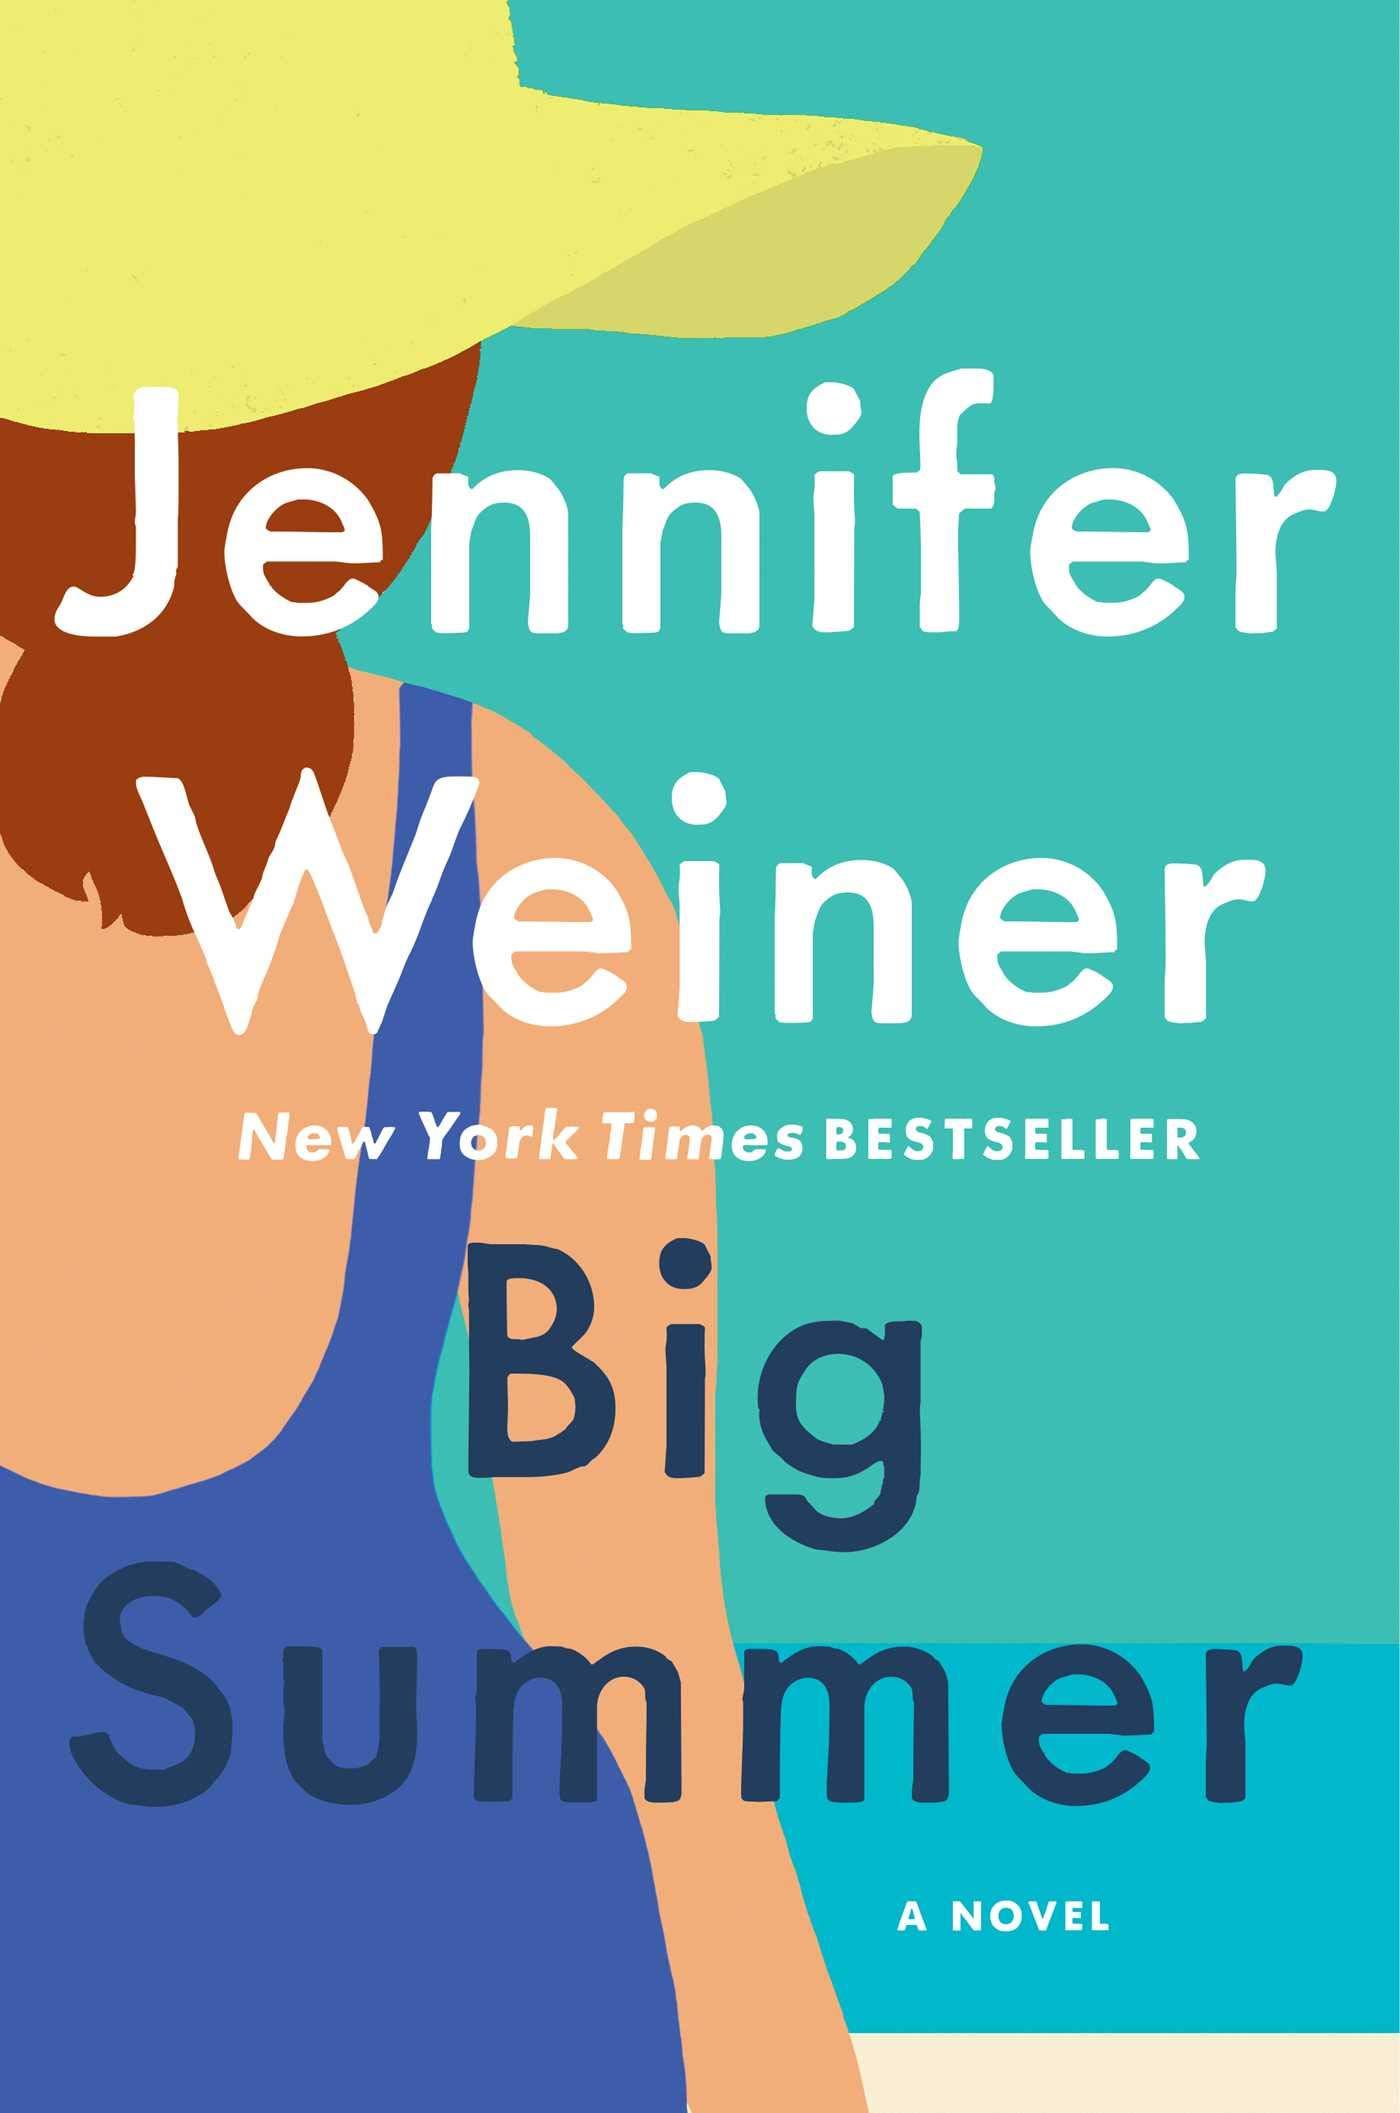 Big Summer: A Novel: Weiner, Jennifer: 9781501133510: Amazon.com: Books